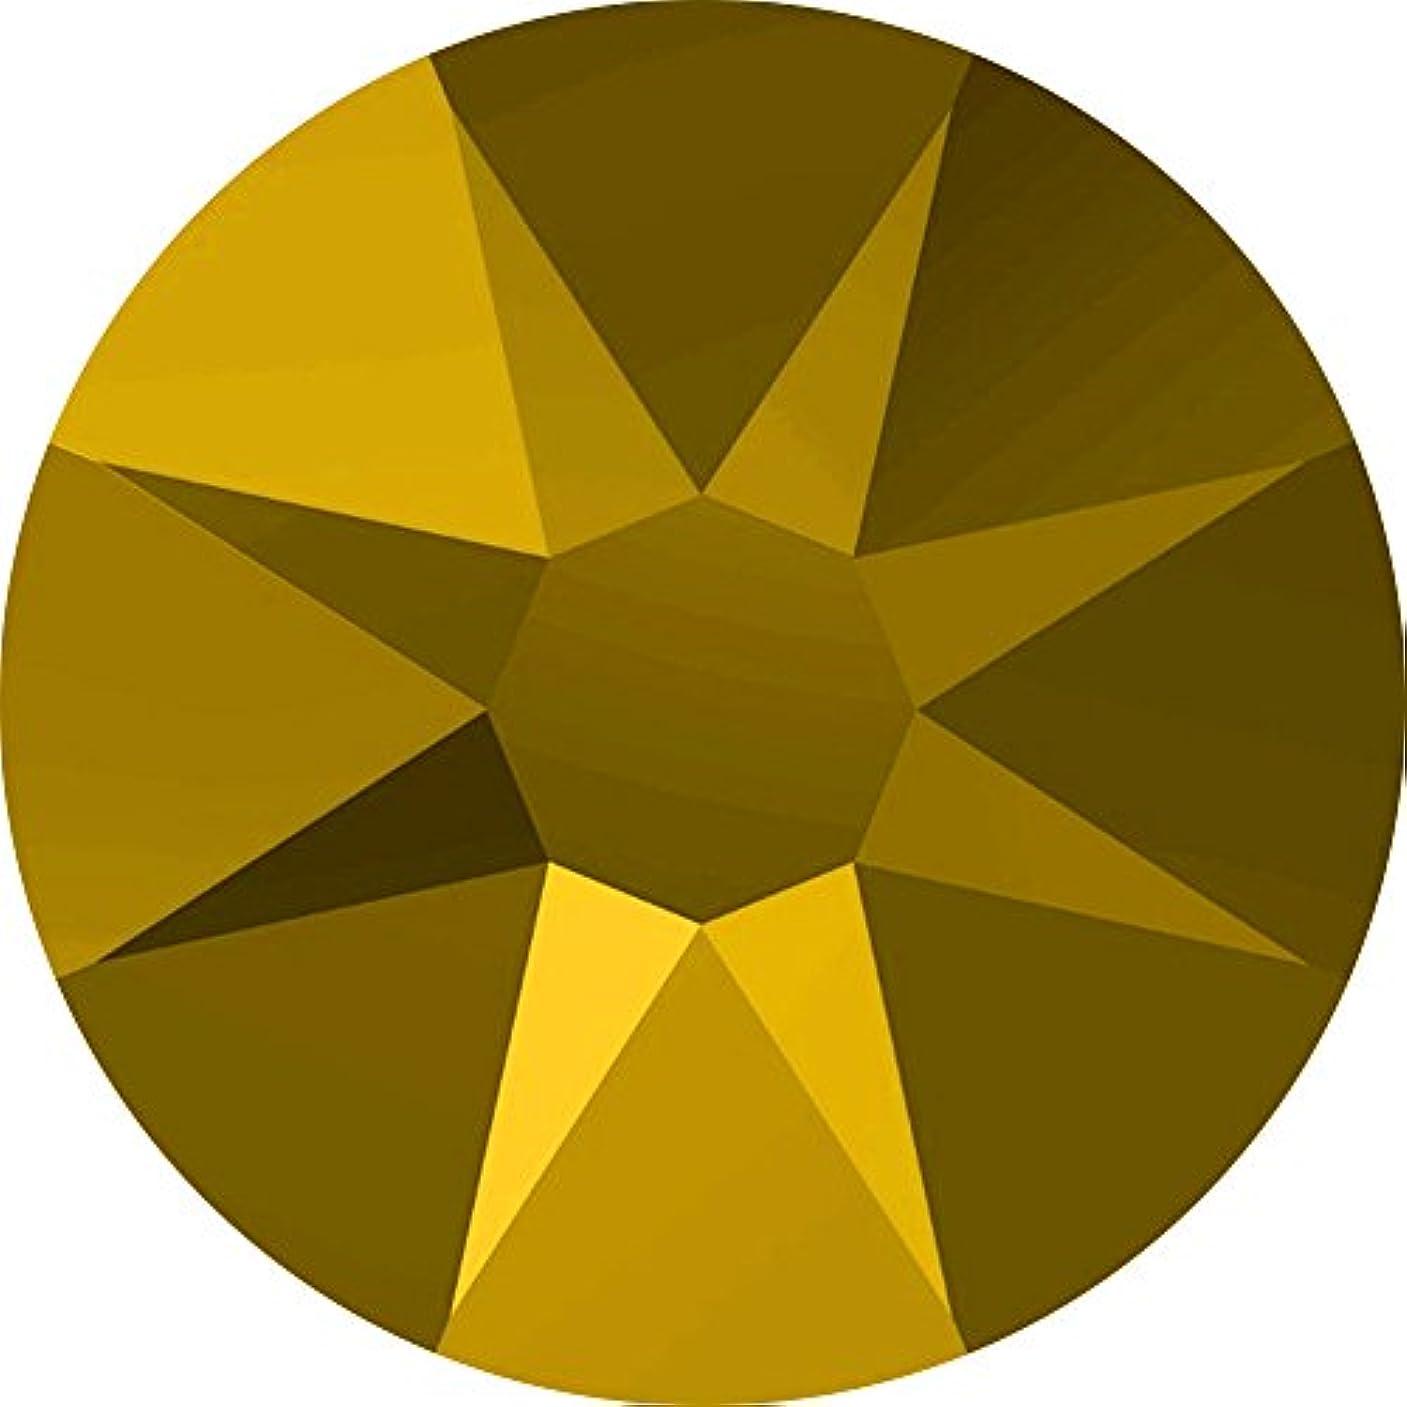 独立してカウントオートマトンネイルアートパーツ クリスタルオーラム SS20:4.6~4.8mm 18P